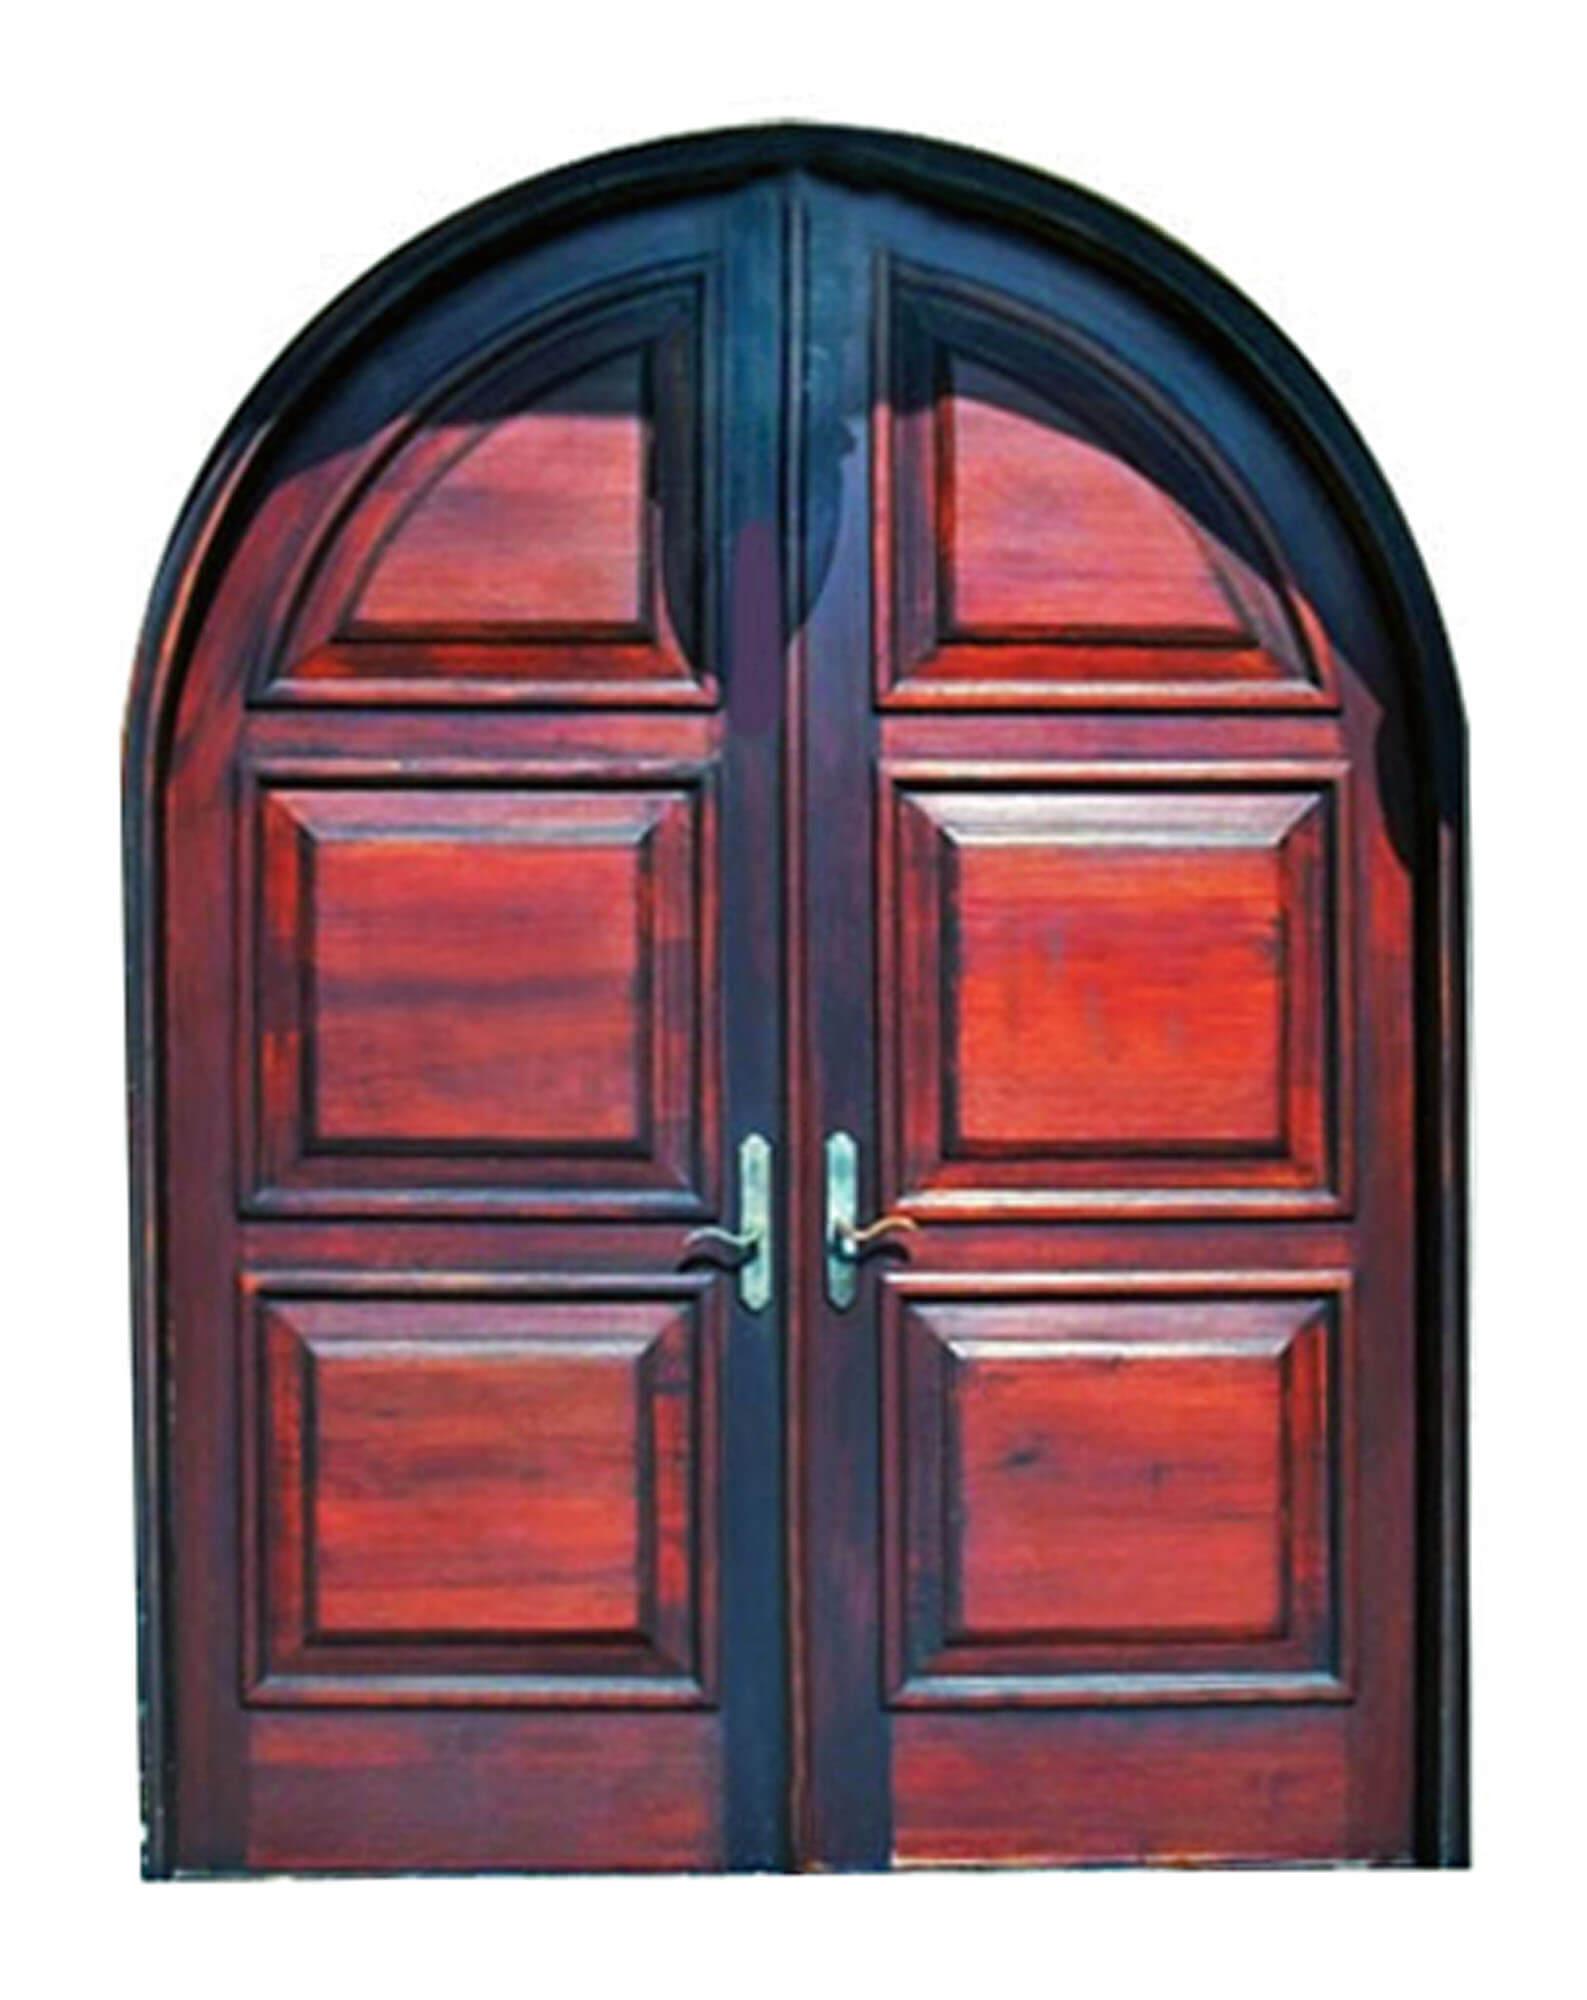 SEBASTIAN MAHOGANY ENTRY DOORS.